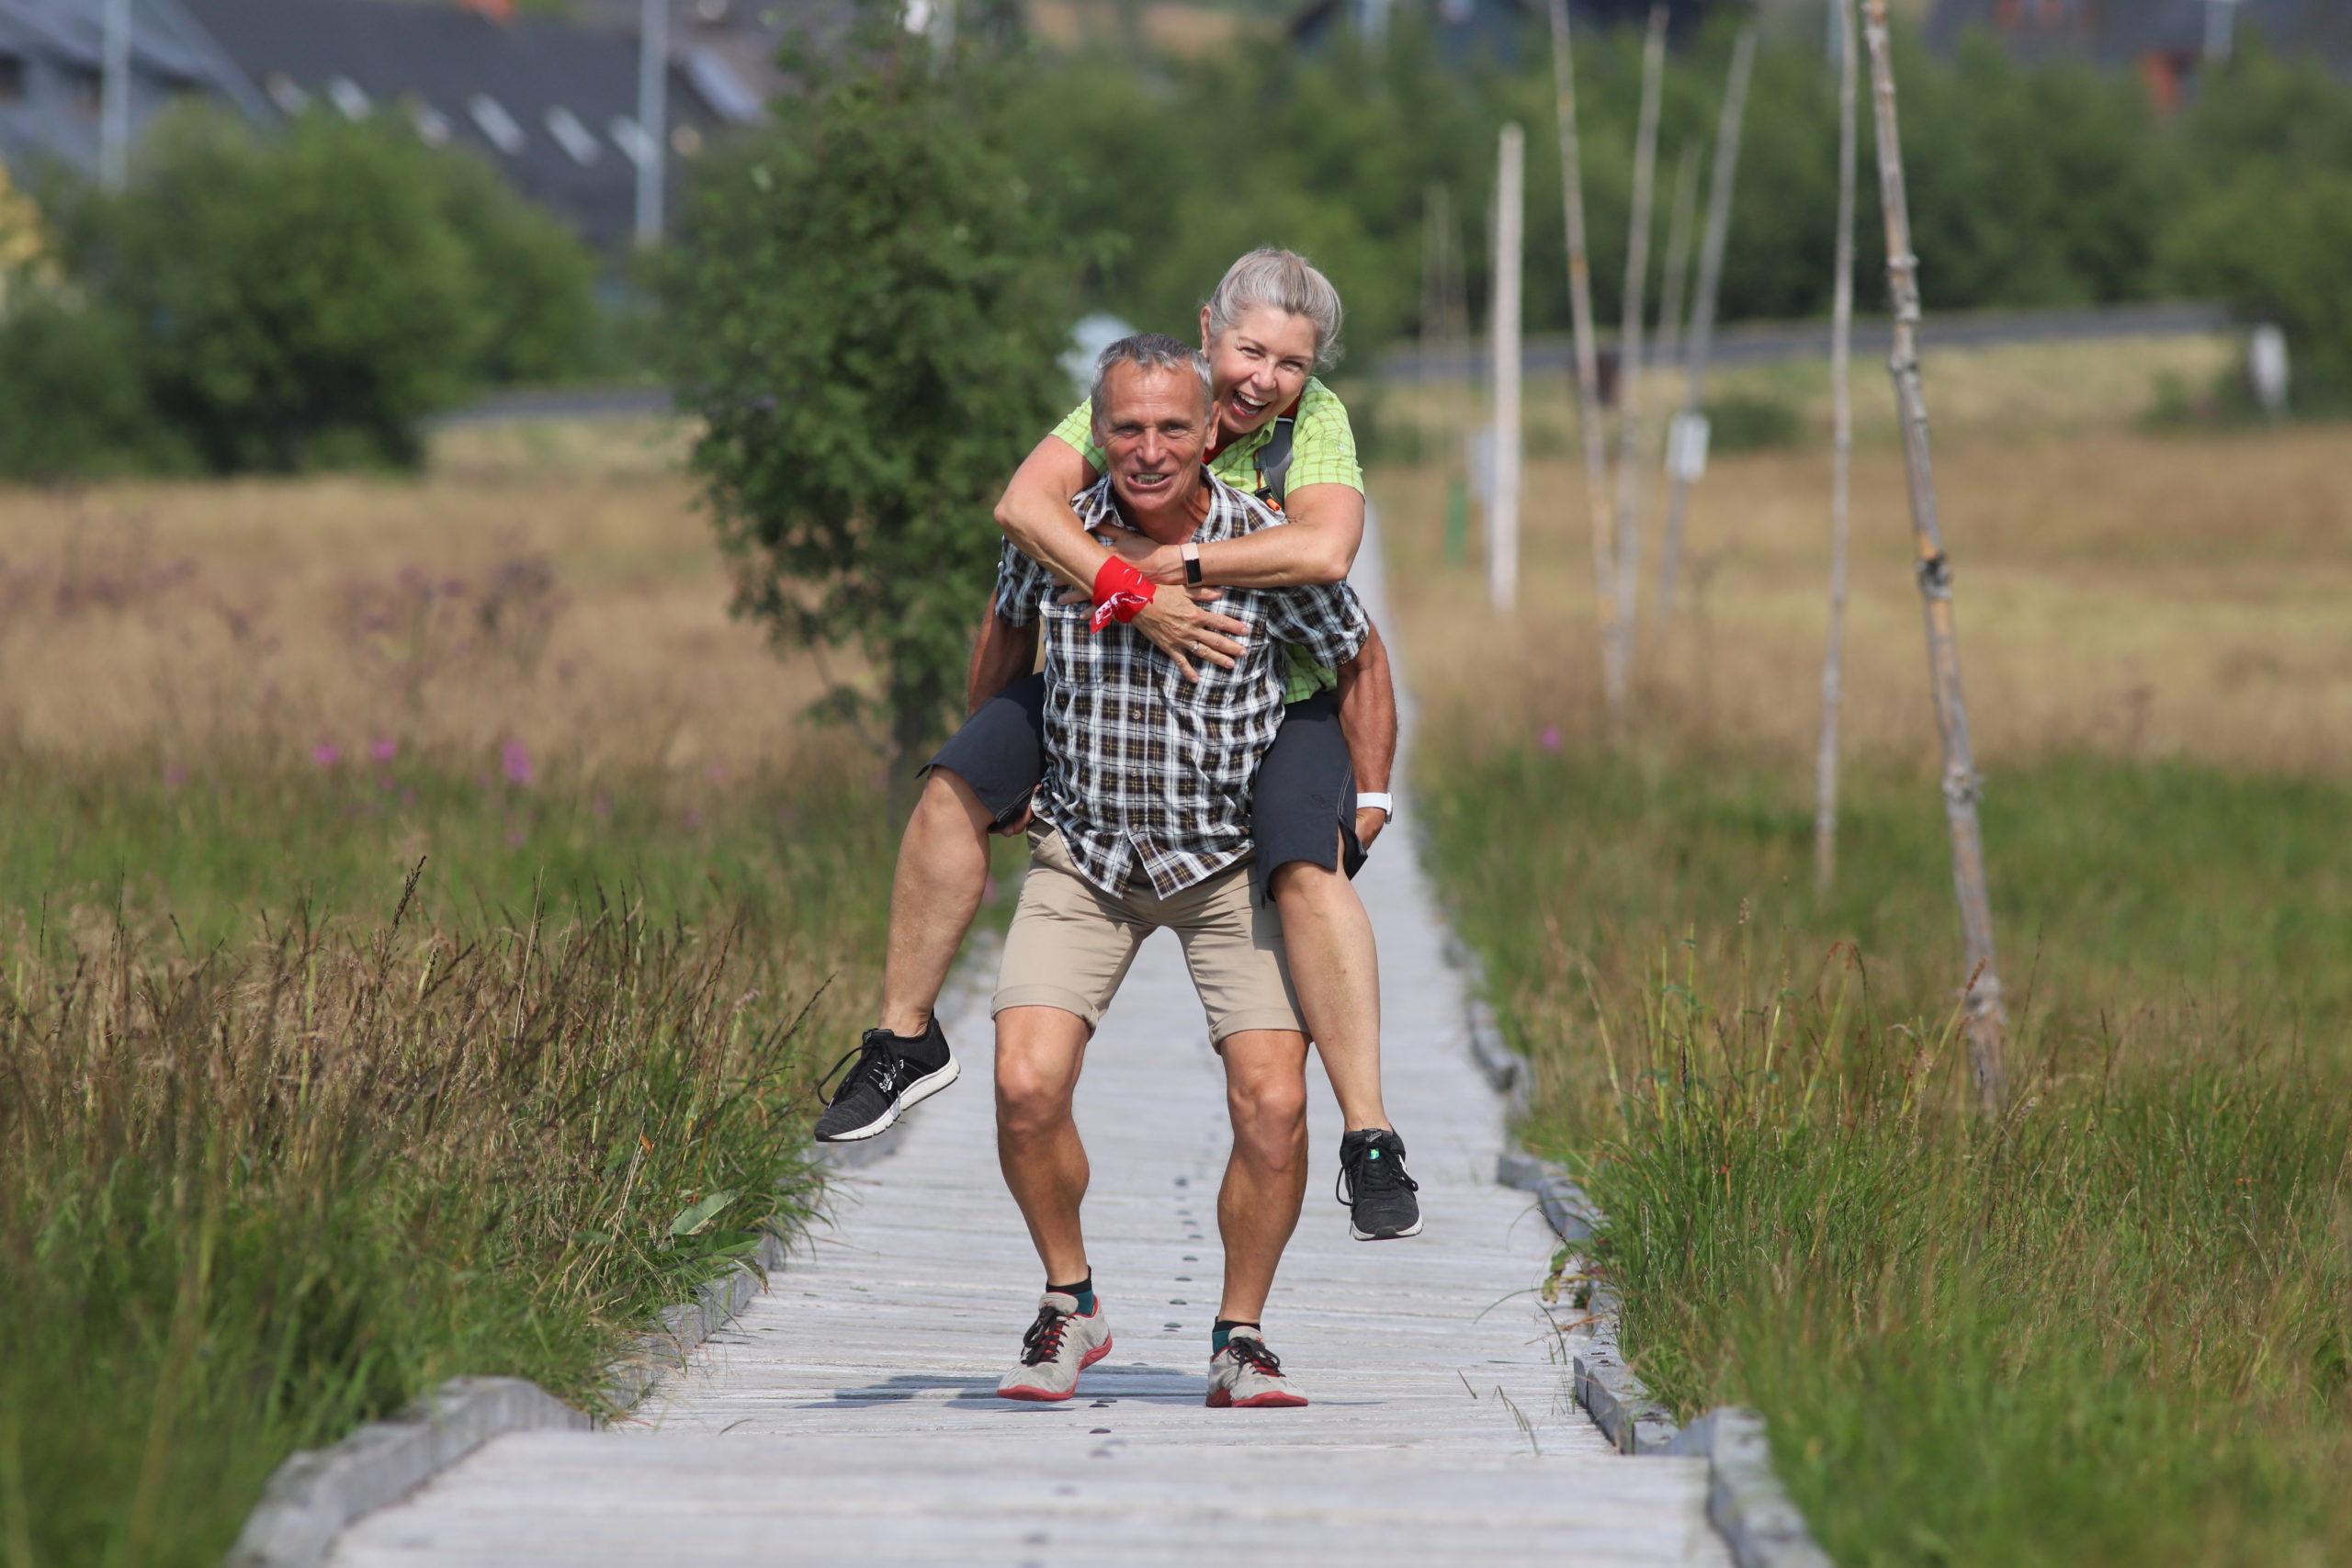 Běhání je jedna velká nikdy nekončící radost